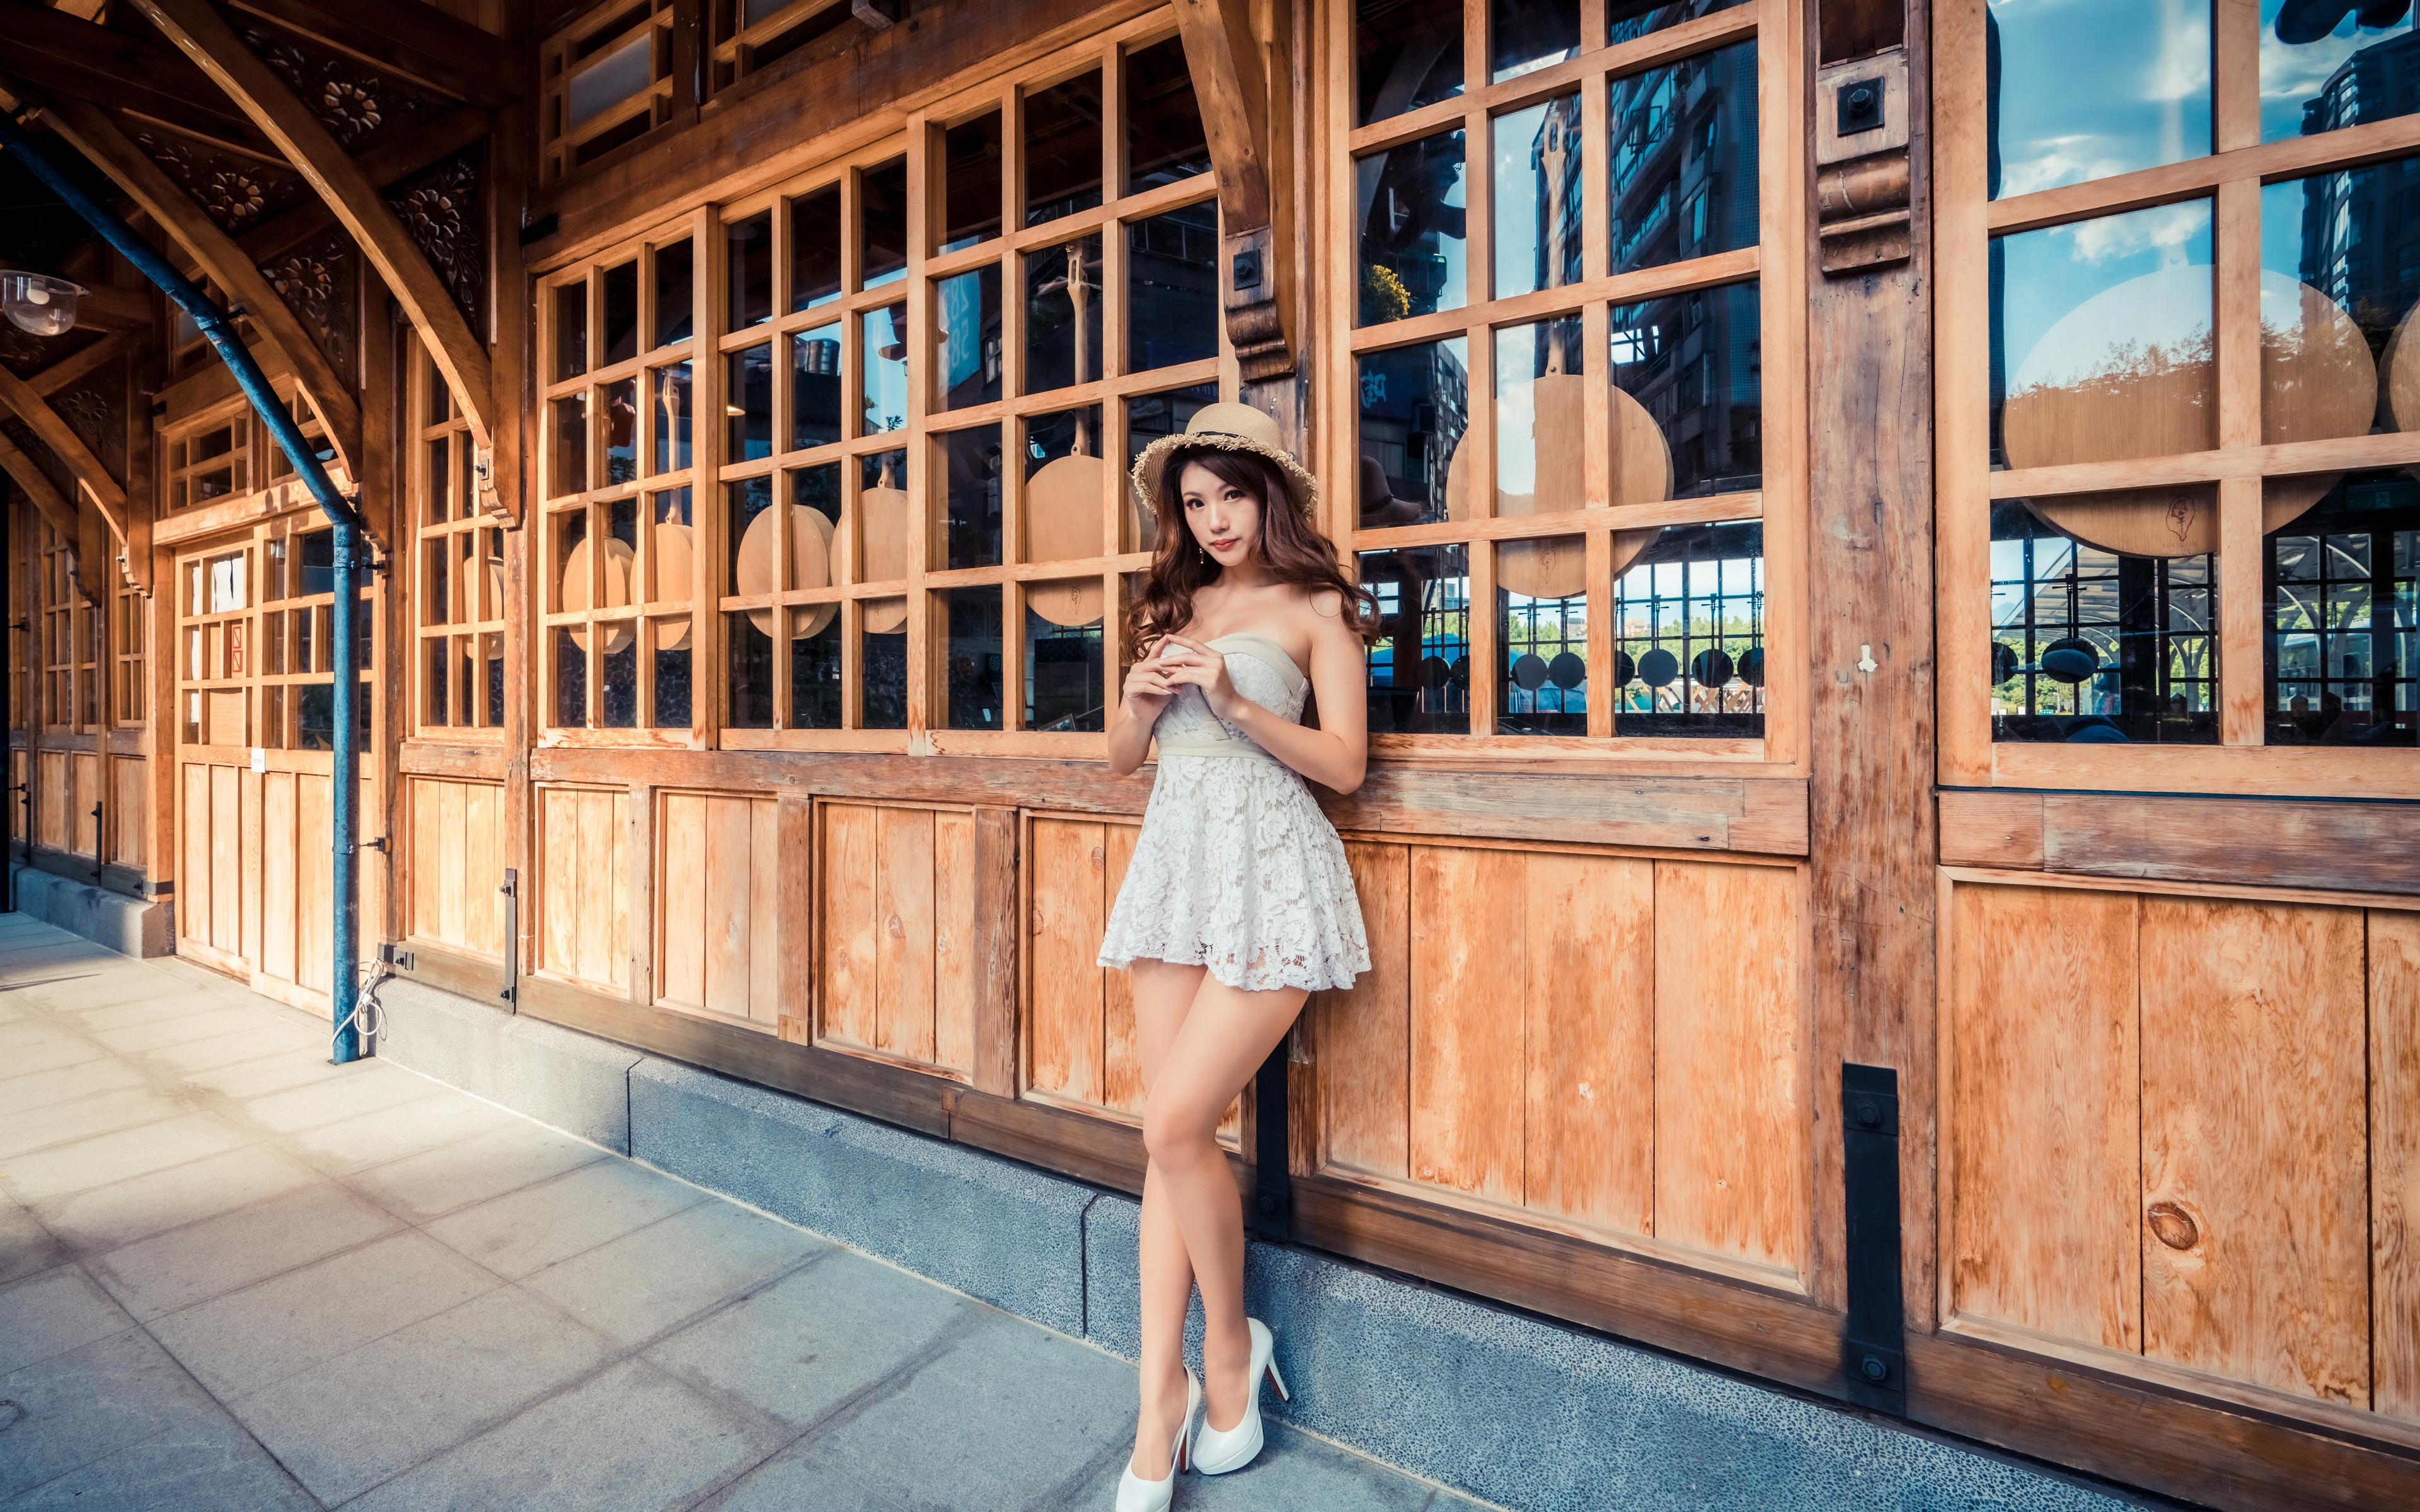 3840x2400 Asiático Pose Vestido Sombrero de Contacto visual mujer joven, mujeres jóvenes, asiática, posando Chicas